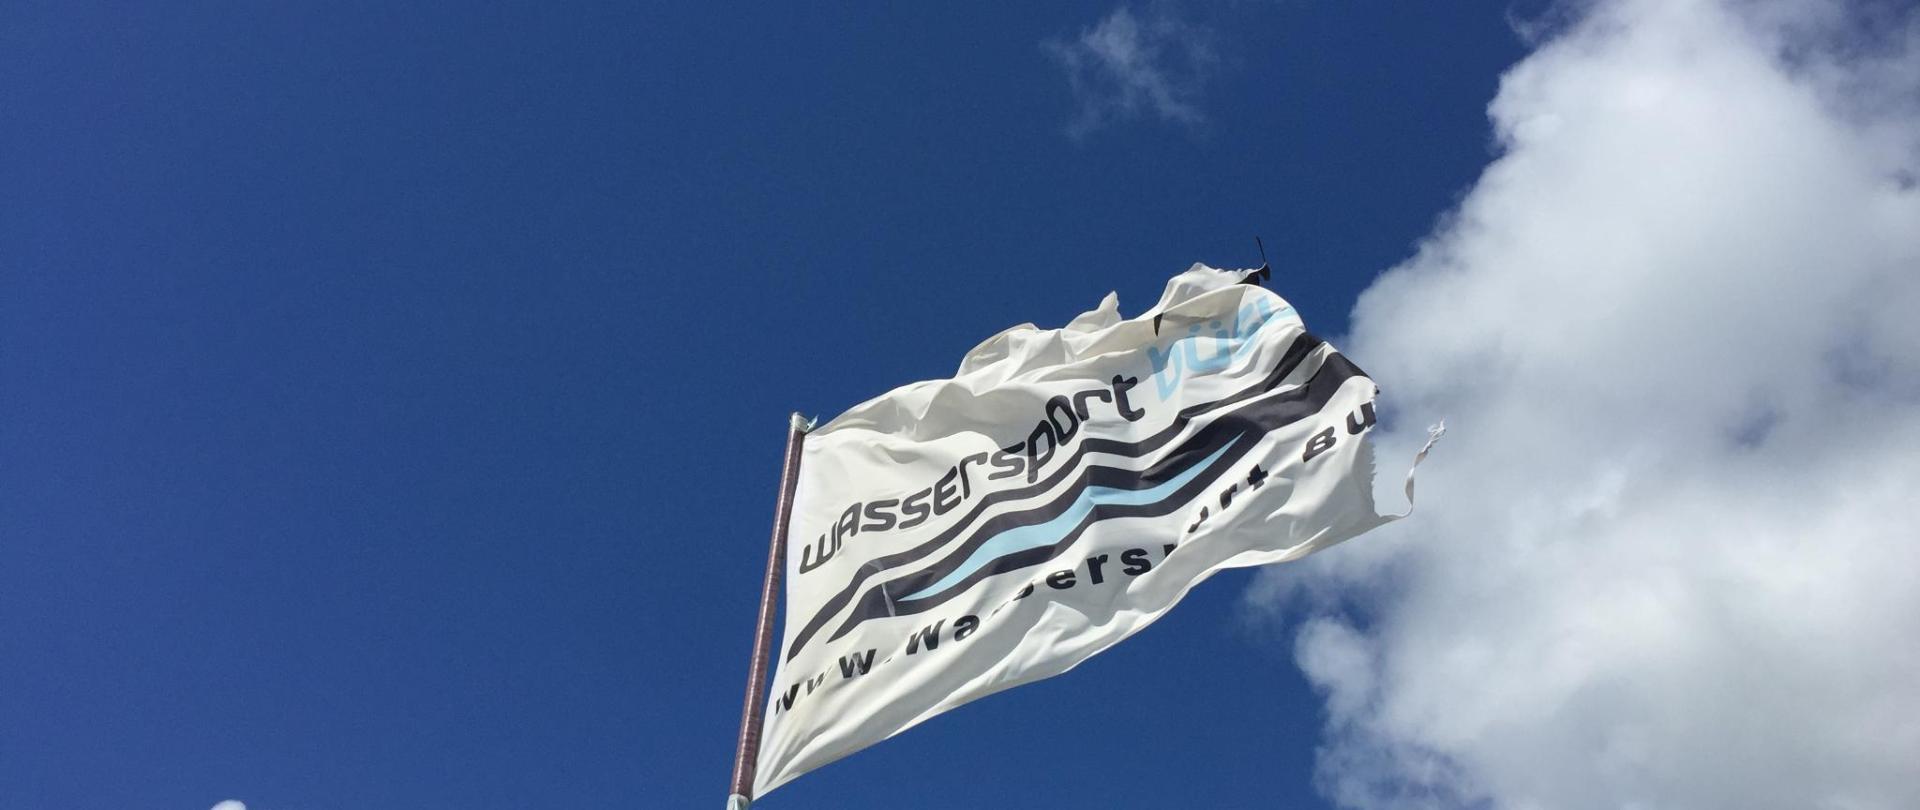 Büsum Wassersport Flagge.JPG